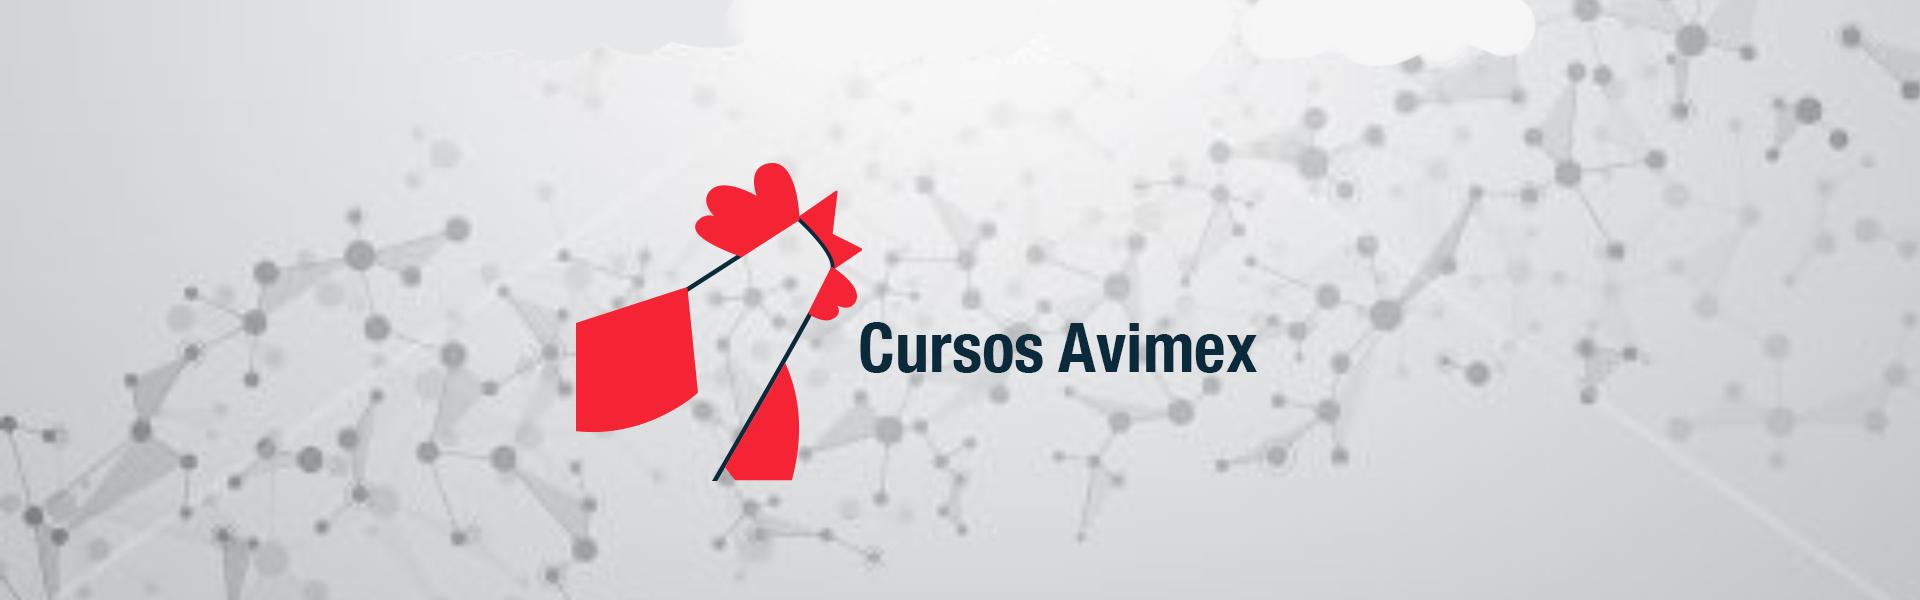 Cursos Avimex<sup>®</sup>